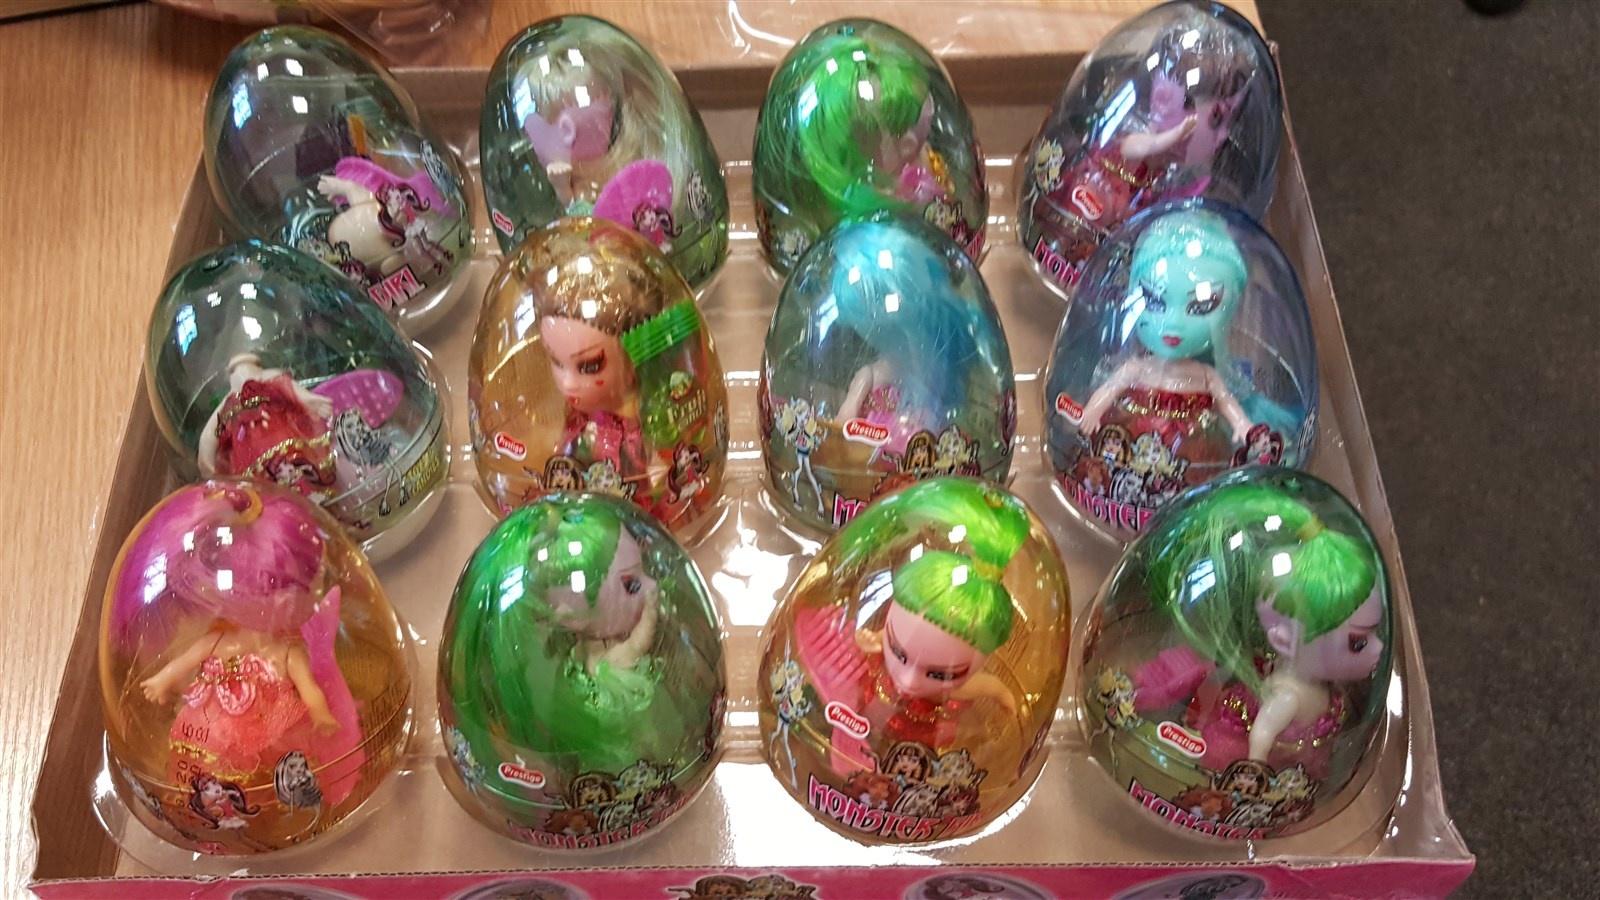 Tarptautinės operacijos metu Lietuvoje sulaikyta per 360 tūkst. klastotų saldainių ir žaislų